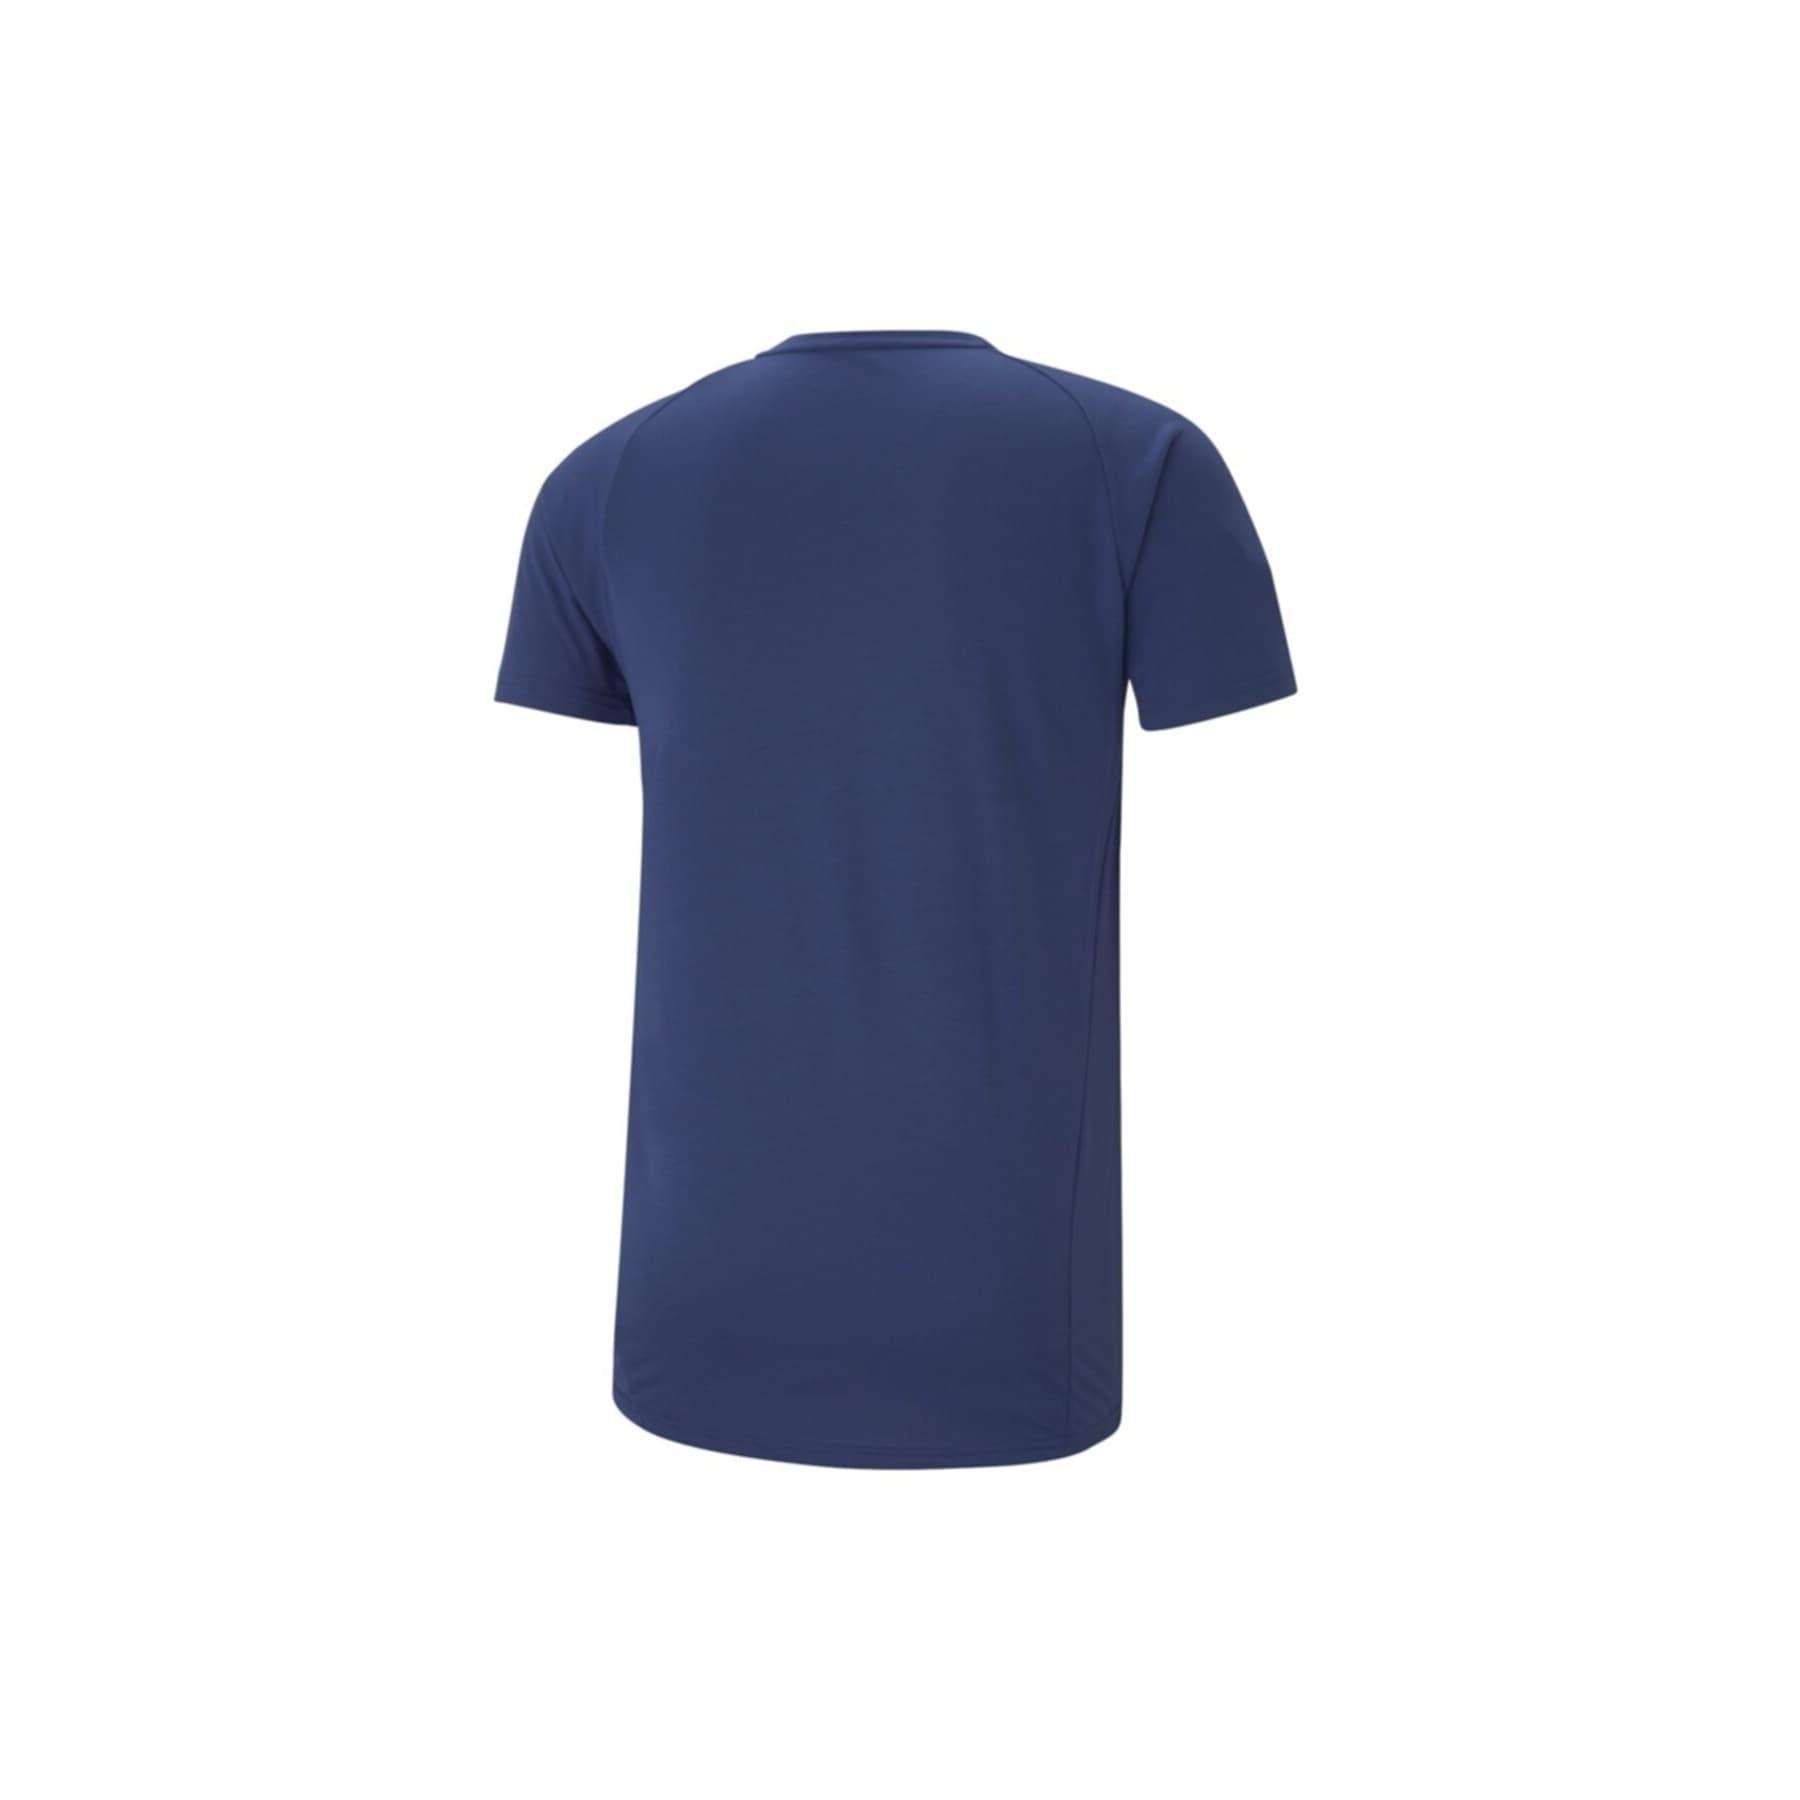 Evostripe Erkek Mavi Tişört (585806-12)